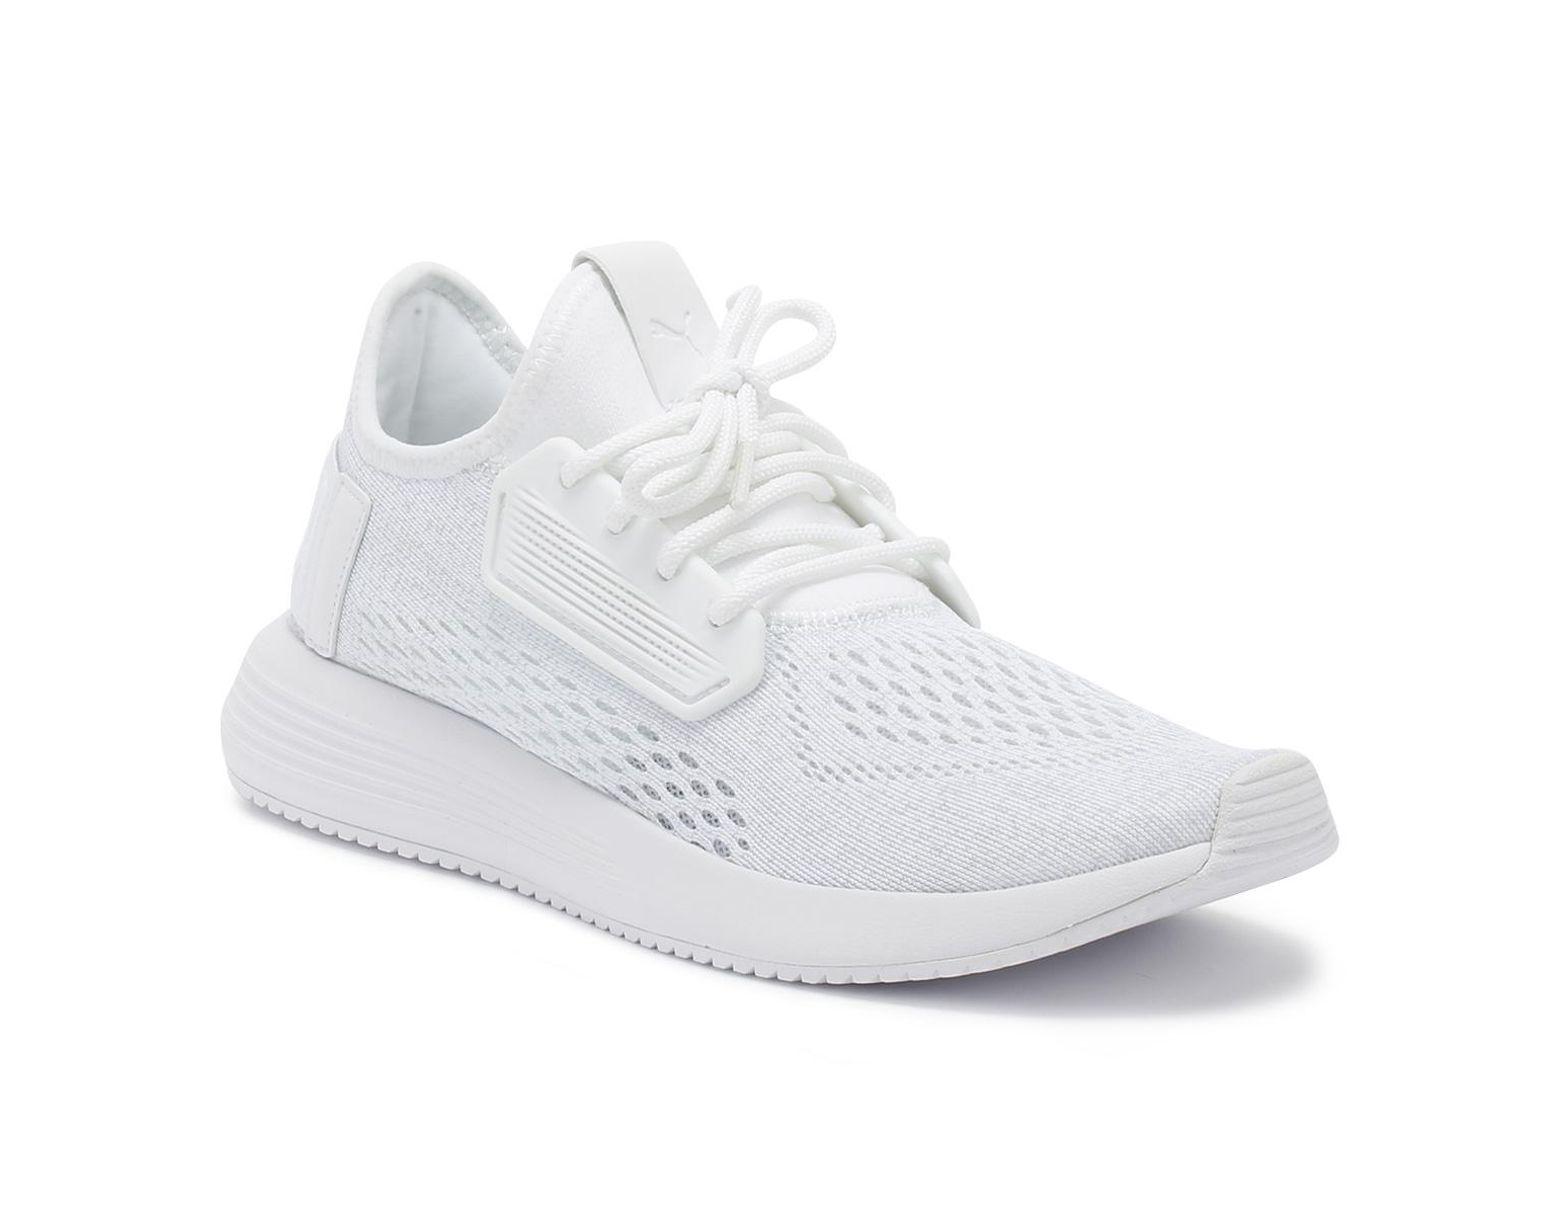 52e8976e643 PUMA Mens White Uprise Mesh Trainers in White for Men - Lyst